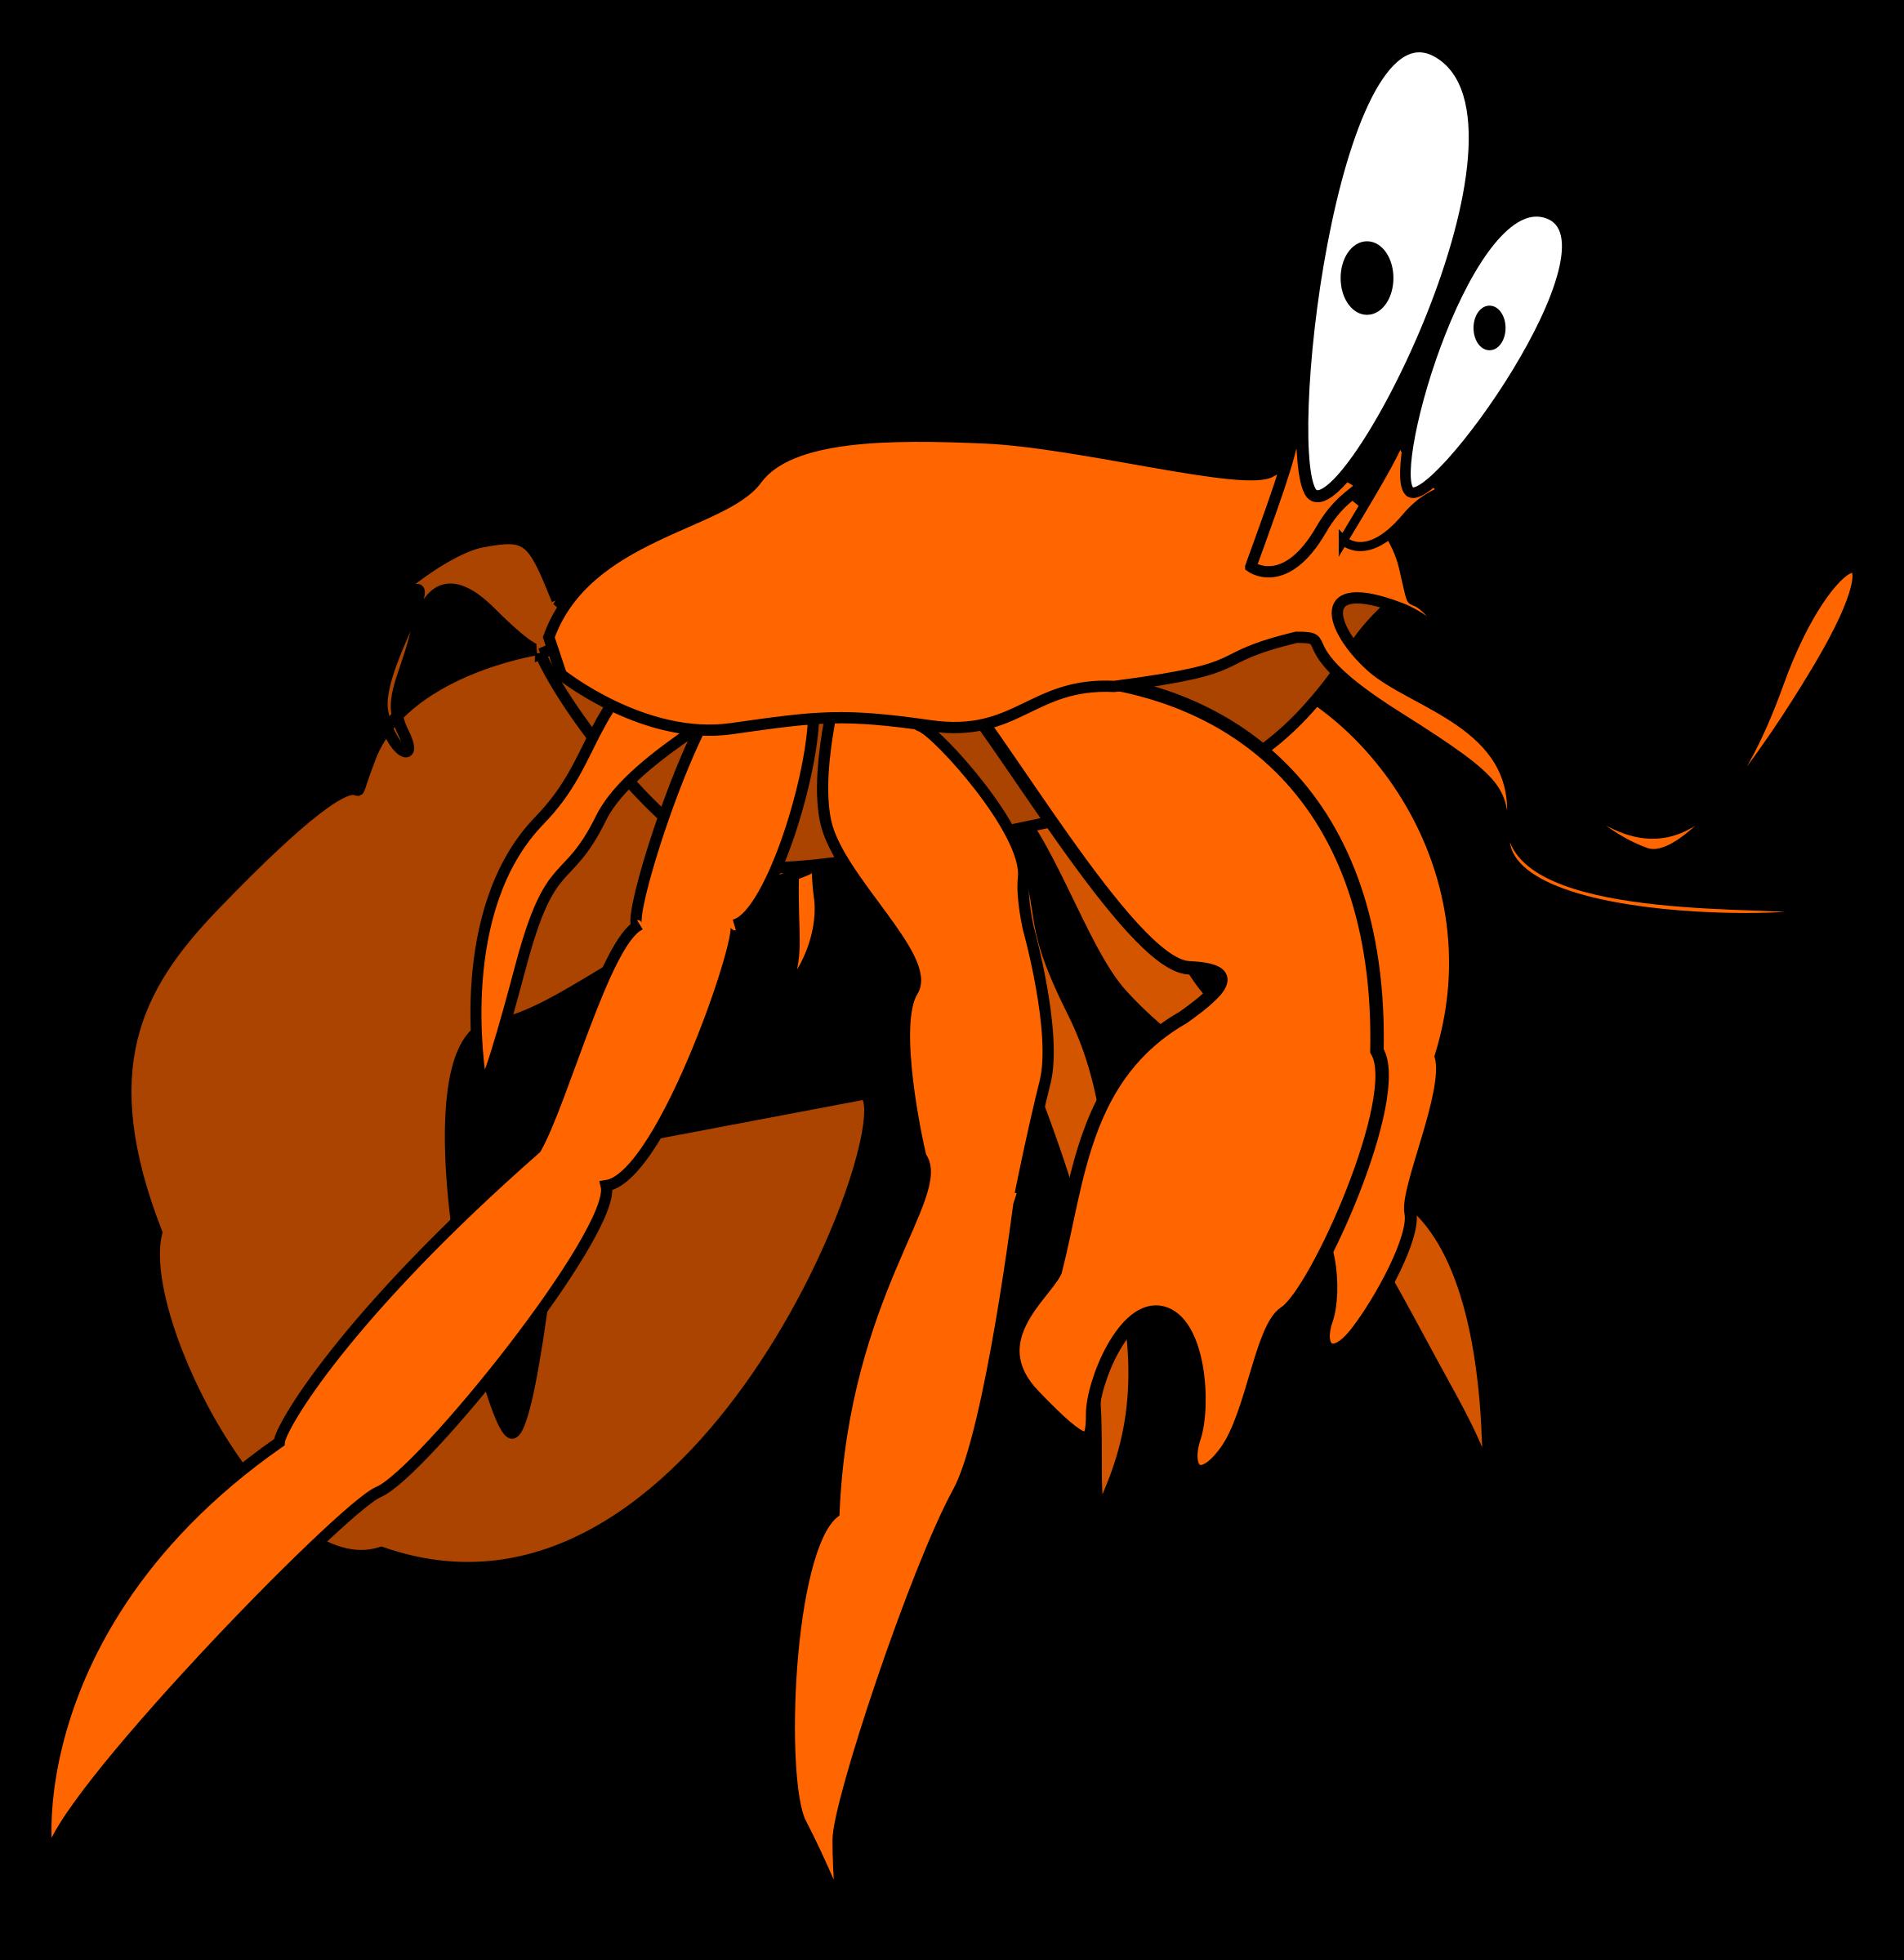 Crab big image png. Crabs clipart crabby